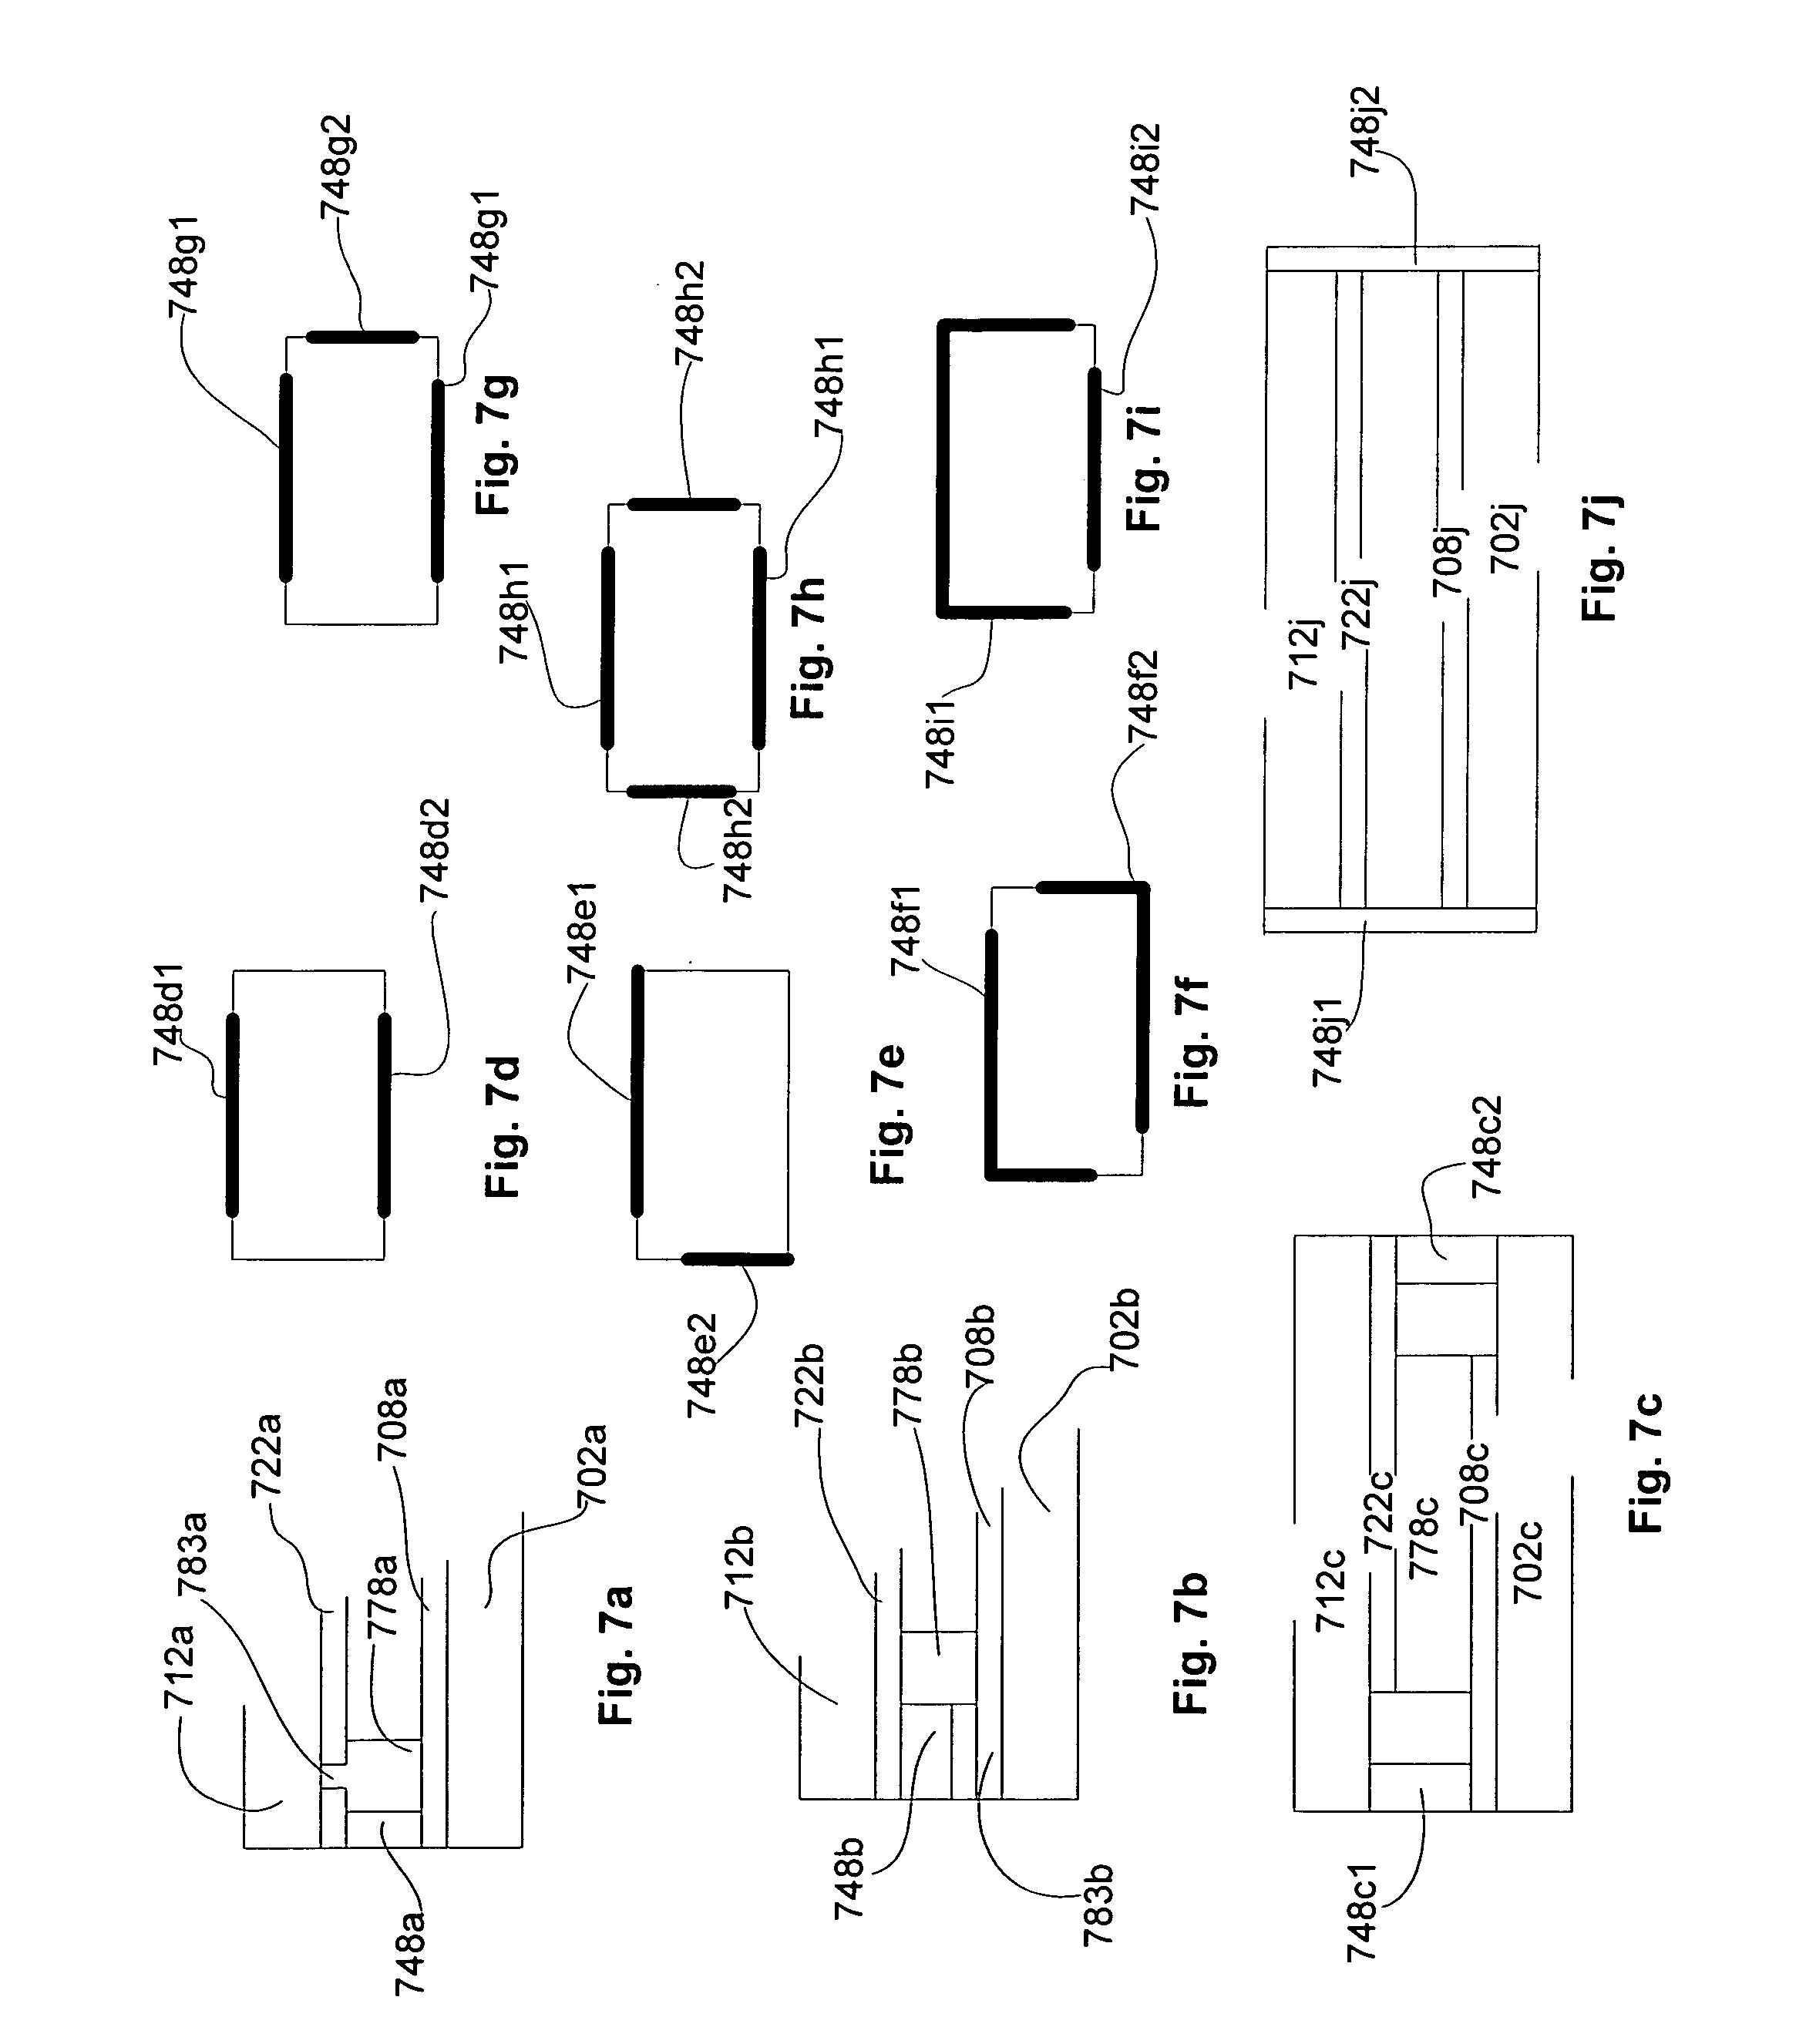 download Применение ПО CST Microwave Studio для расчёта микроволновых антенн и устройств СВЧ 0